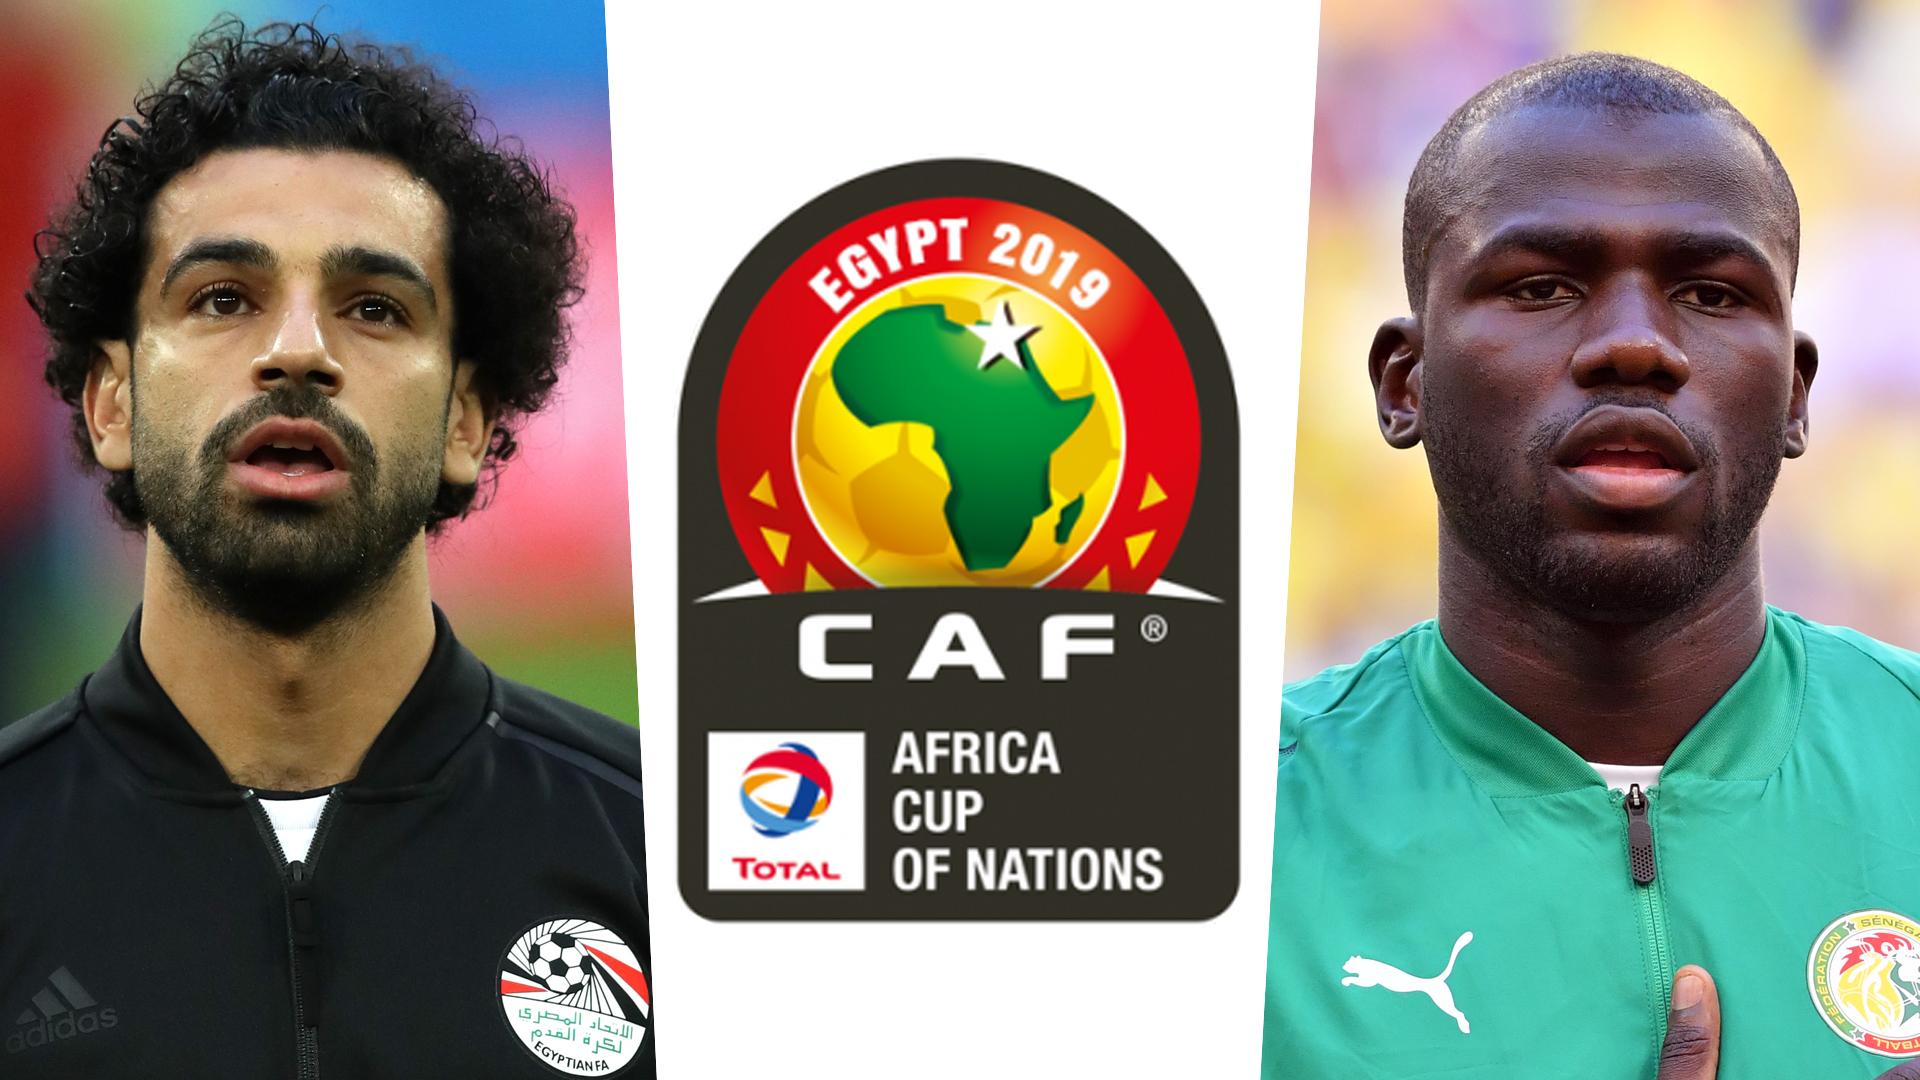 Calendario Coppa Dafrica.Coppa D Africa 2019 Tabellone Calendario Risultati E Dove